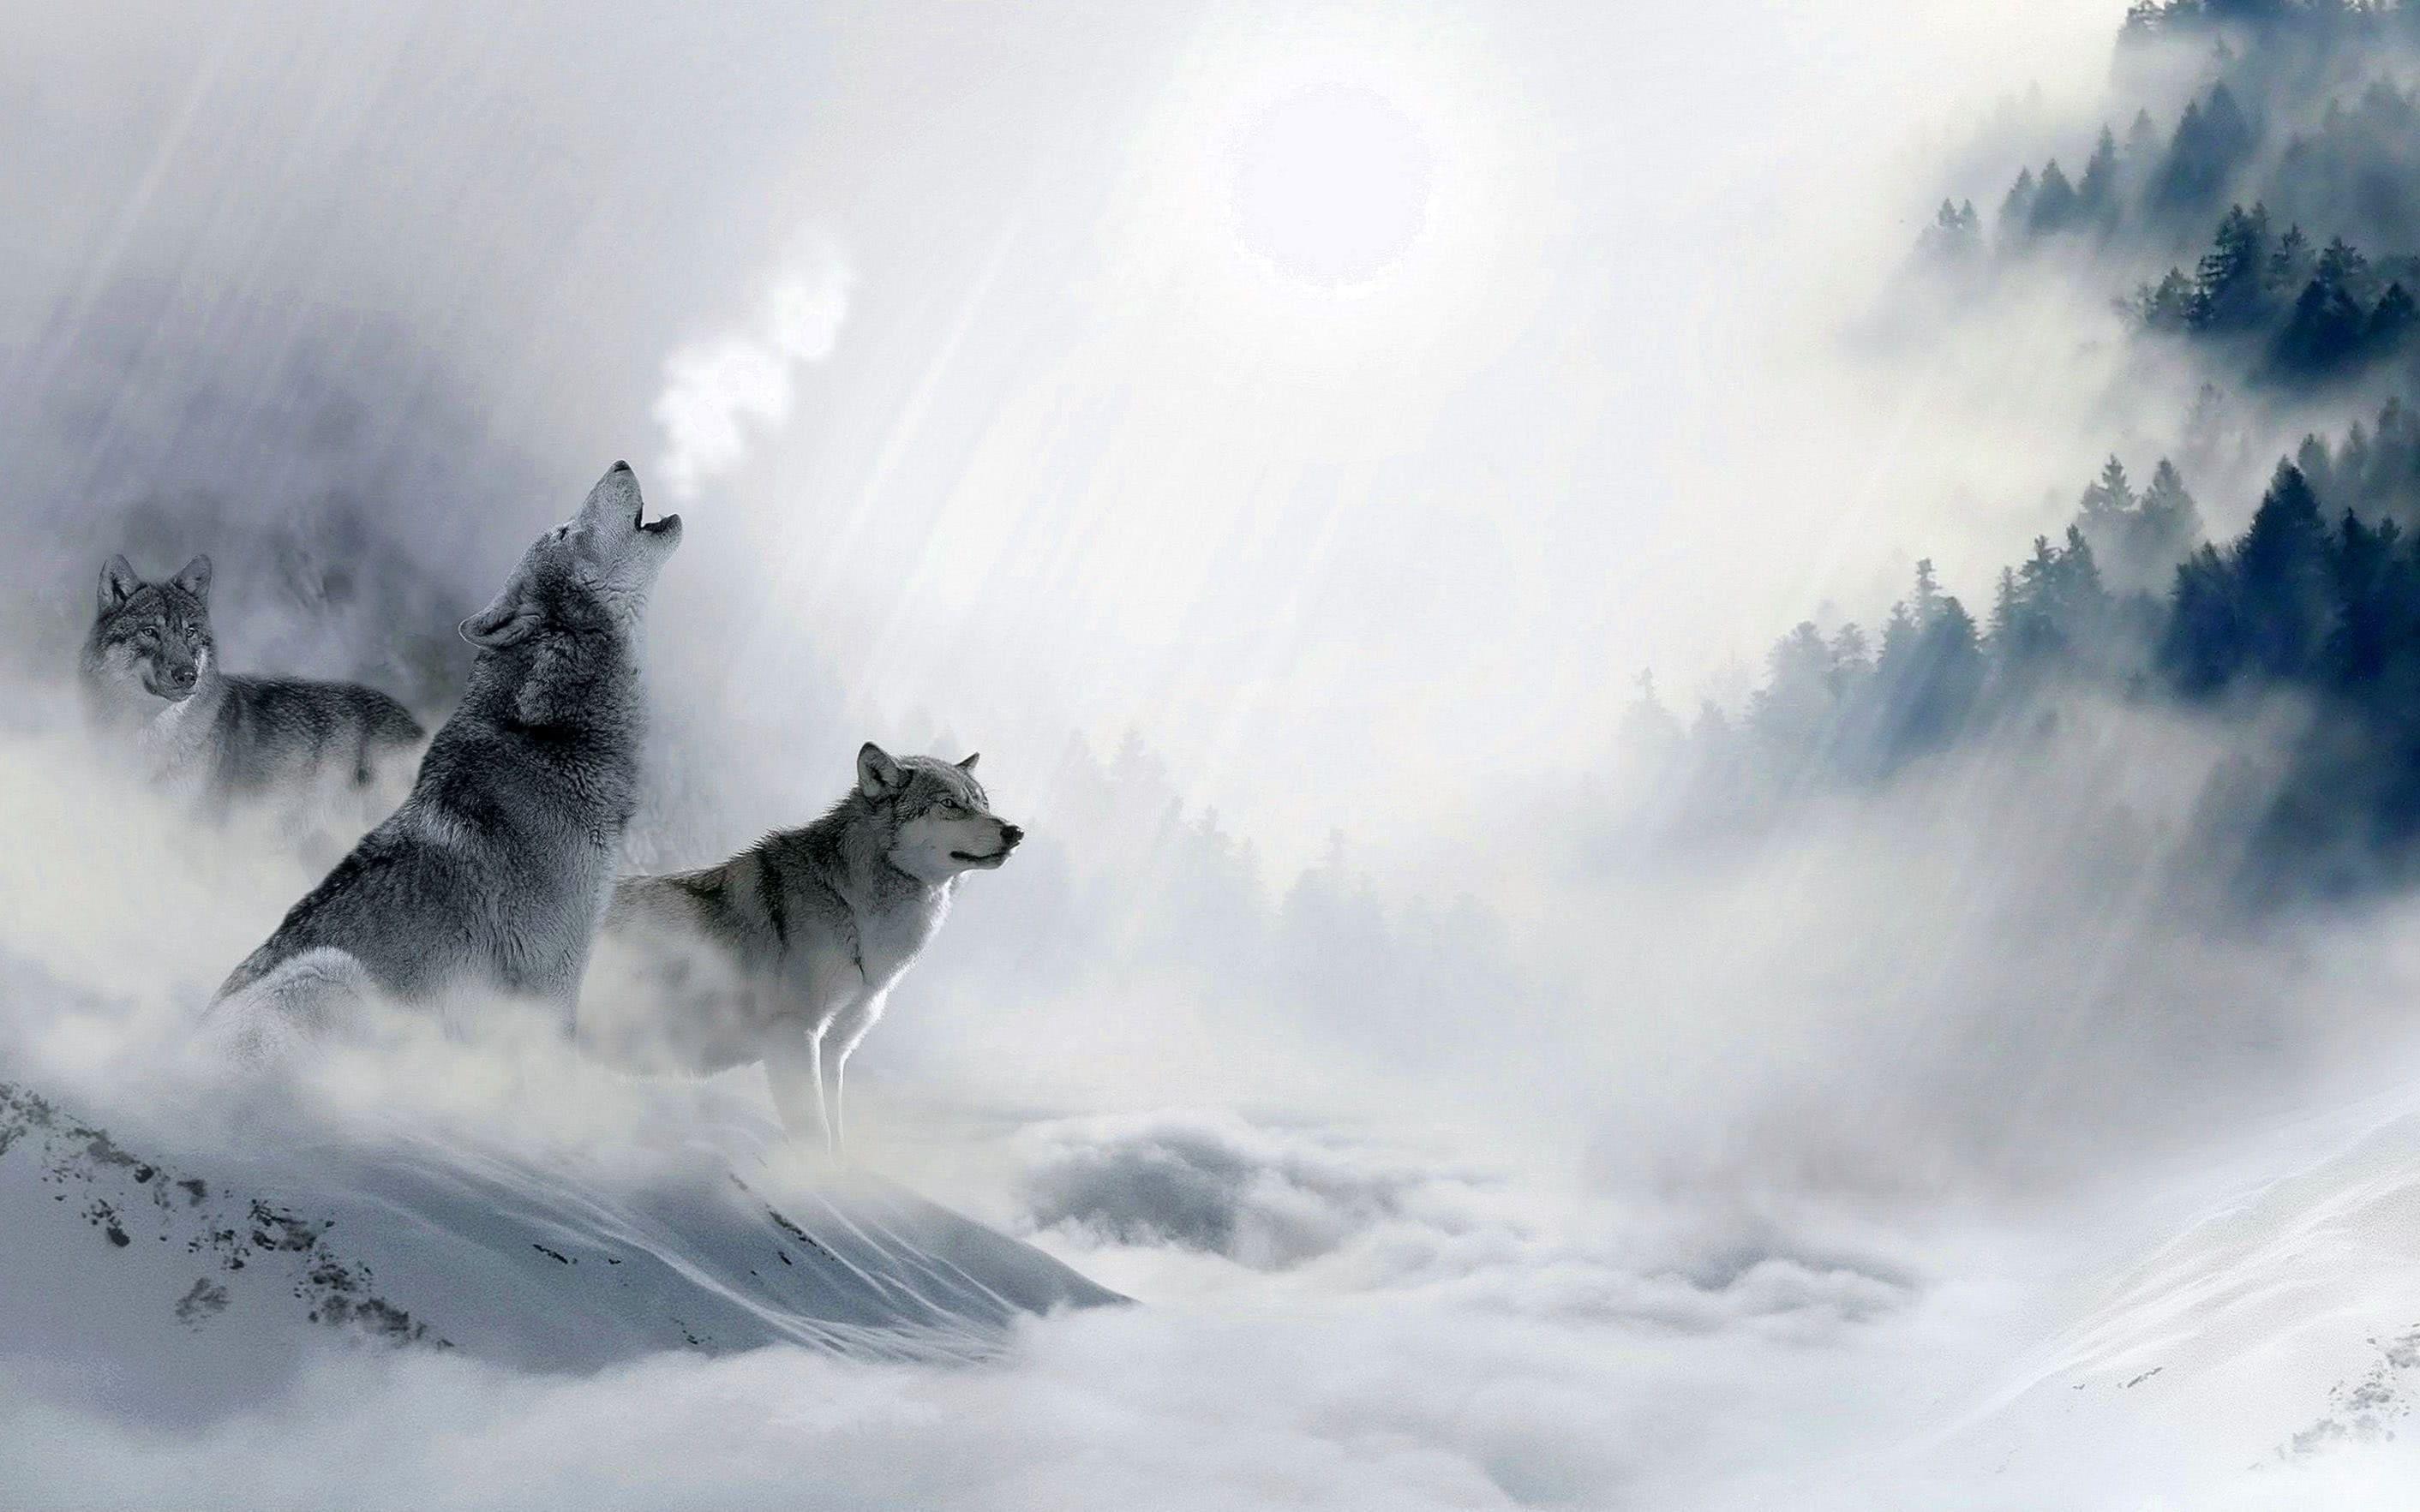 4K Wallpaper Howling Wolf